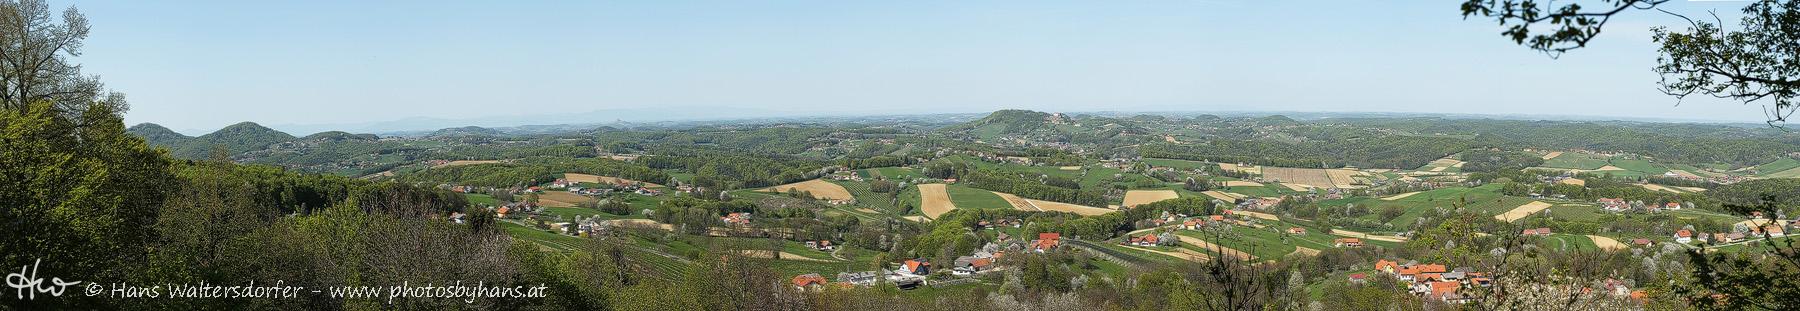 Panoramablick auf das Vulkanland um Kapfenstein: links die Gleichenberger Kogel, halblinks im Hintergrund die Riegersburg, Bildmitte Kapfenstein